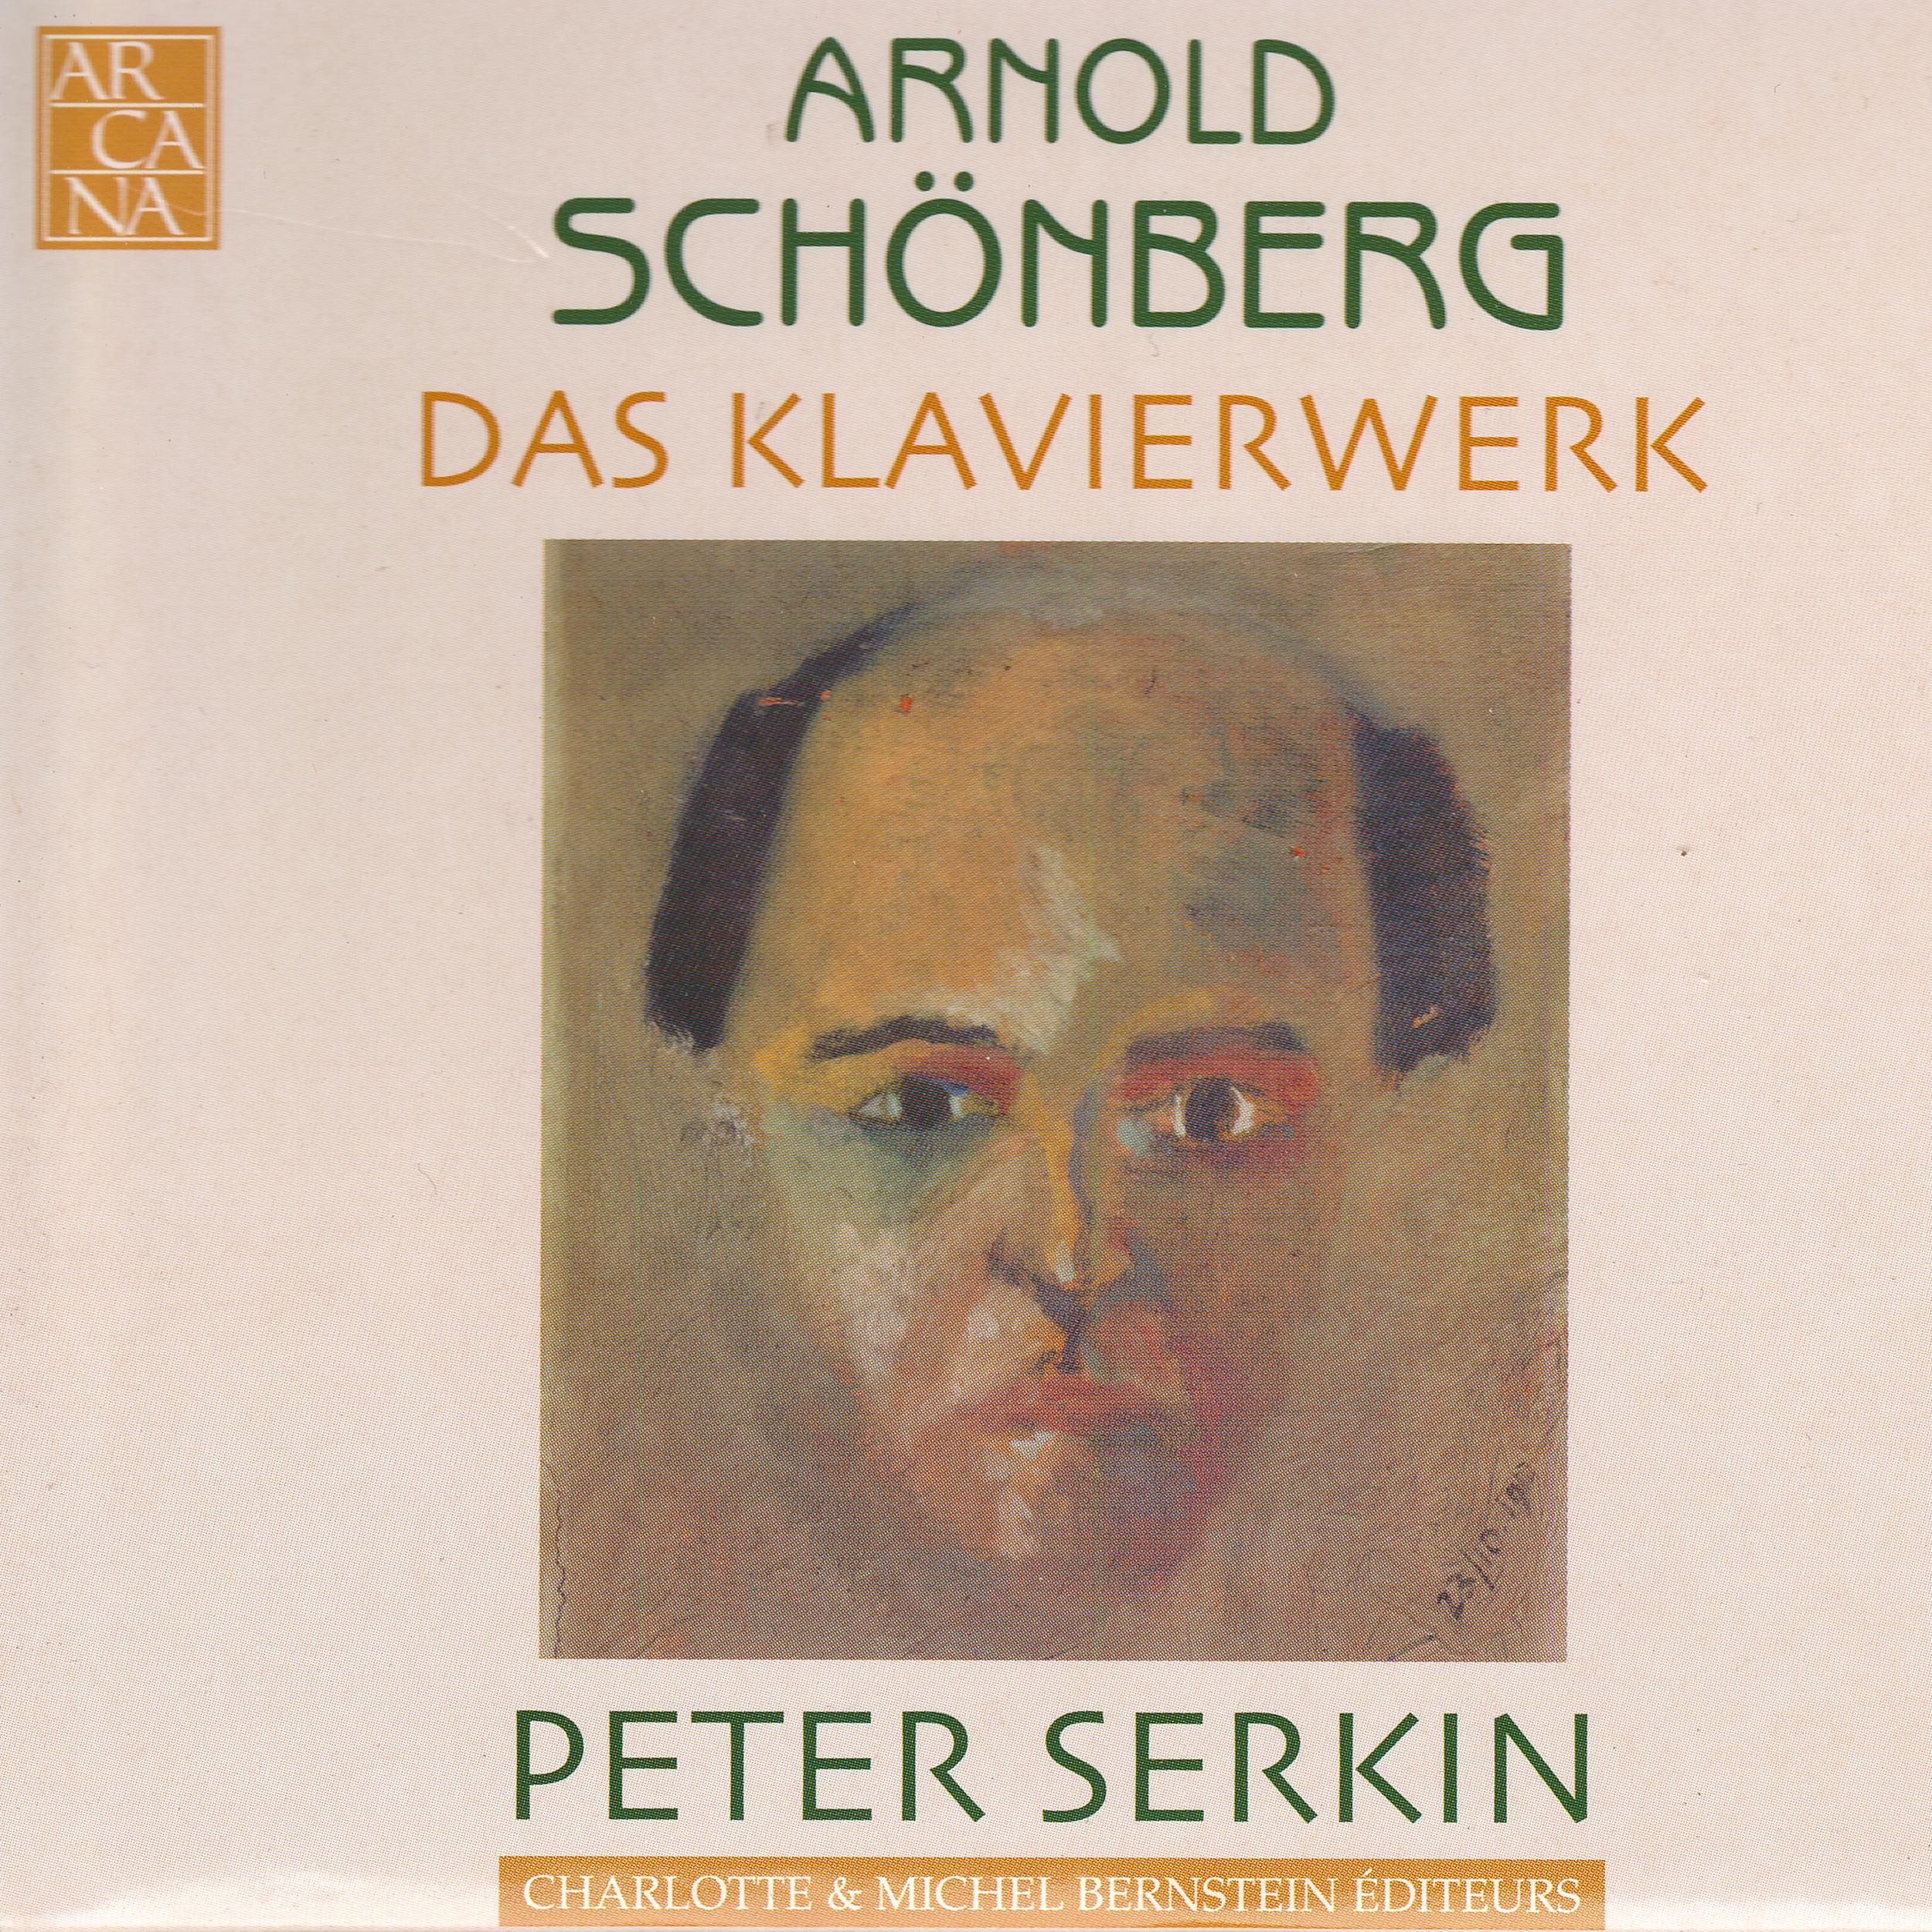 peter serkin schoenberg.jpg